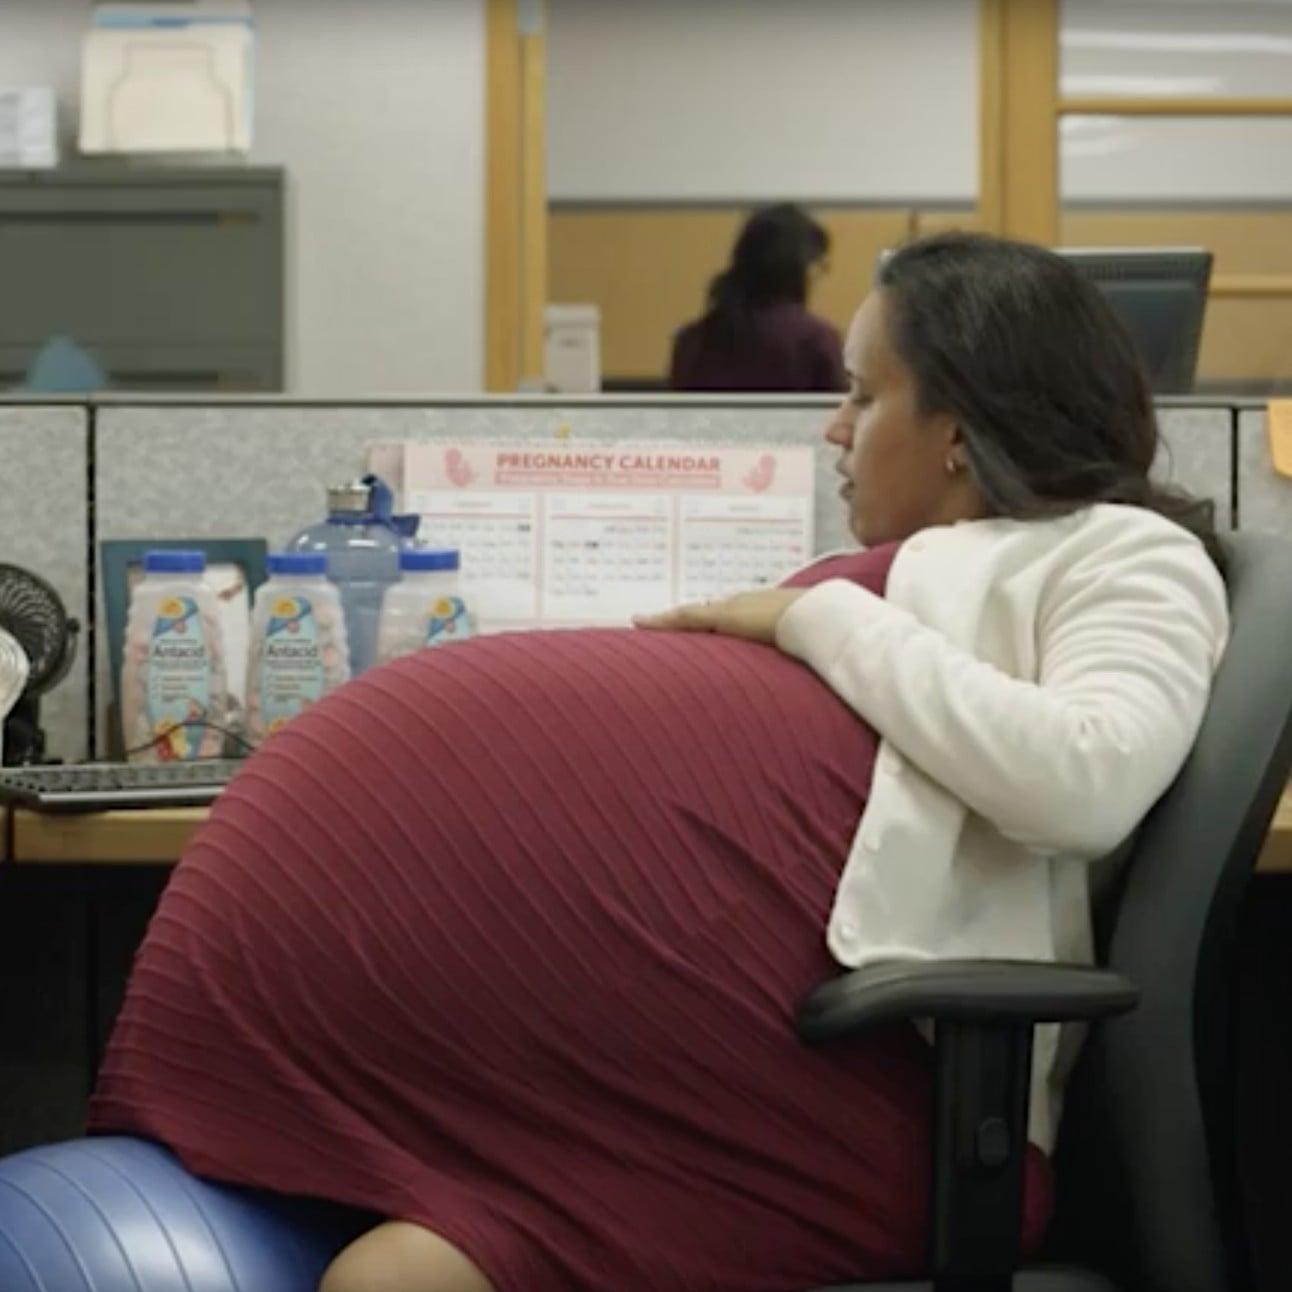 Секс с беременными видео: порно смотреть бесплатно, без ...